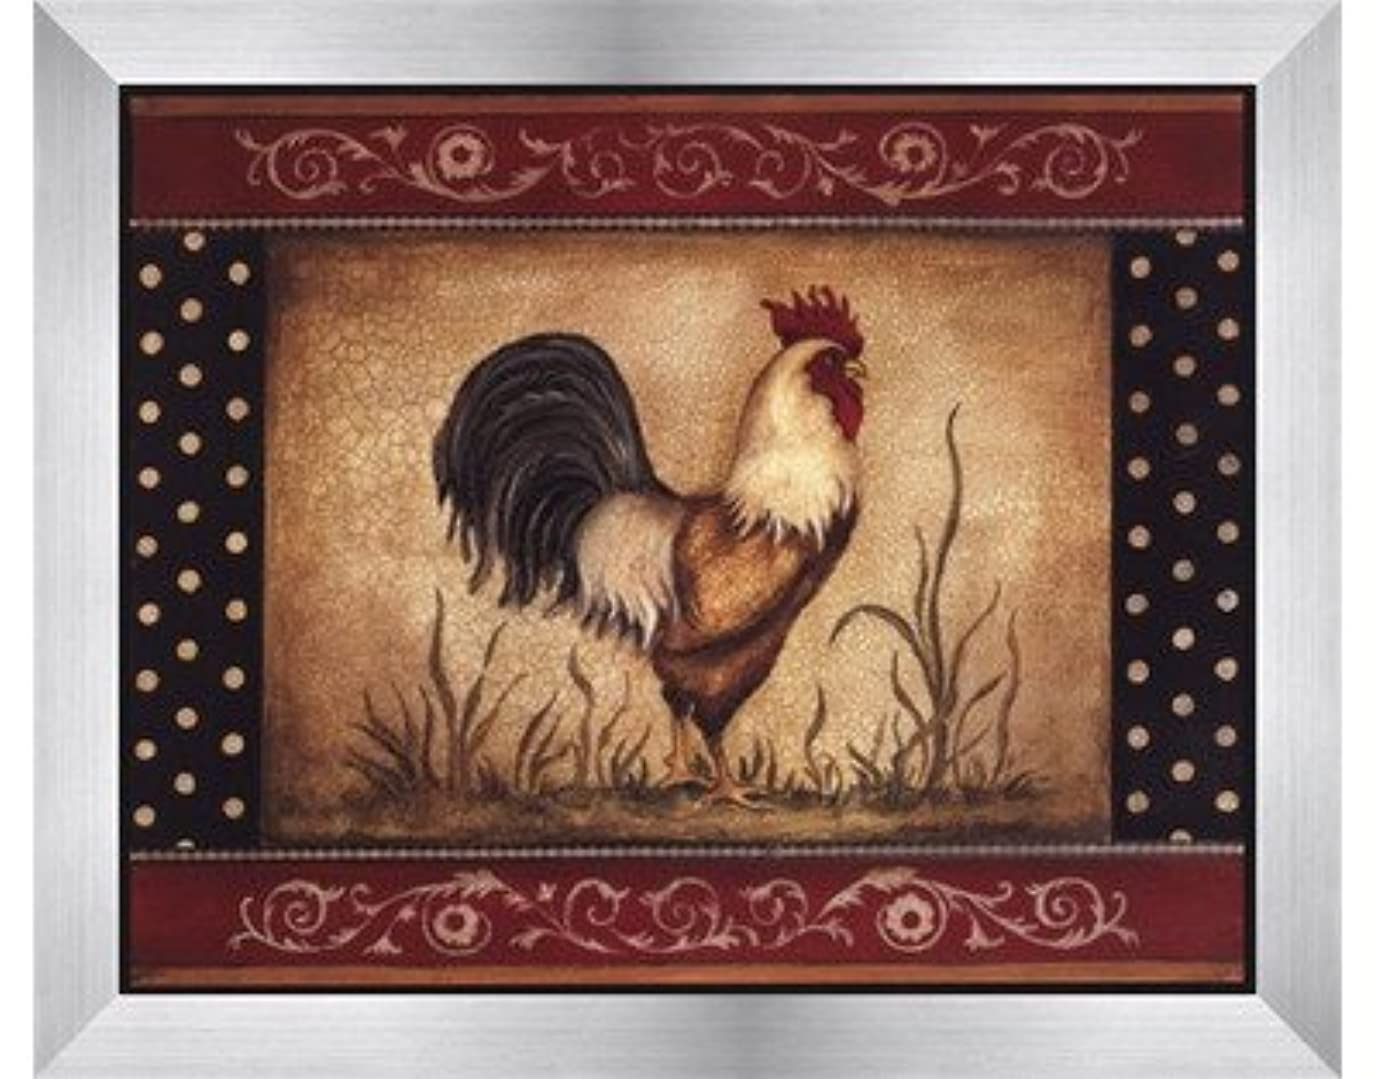 債権者性能騒cock-a-doodle-doo – Mini by Kimberly Poloson – 10 x 8インチ – アートプリントポスター LE_463470-F9935-10x8